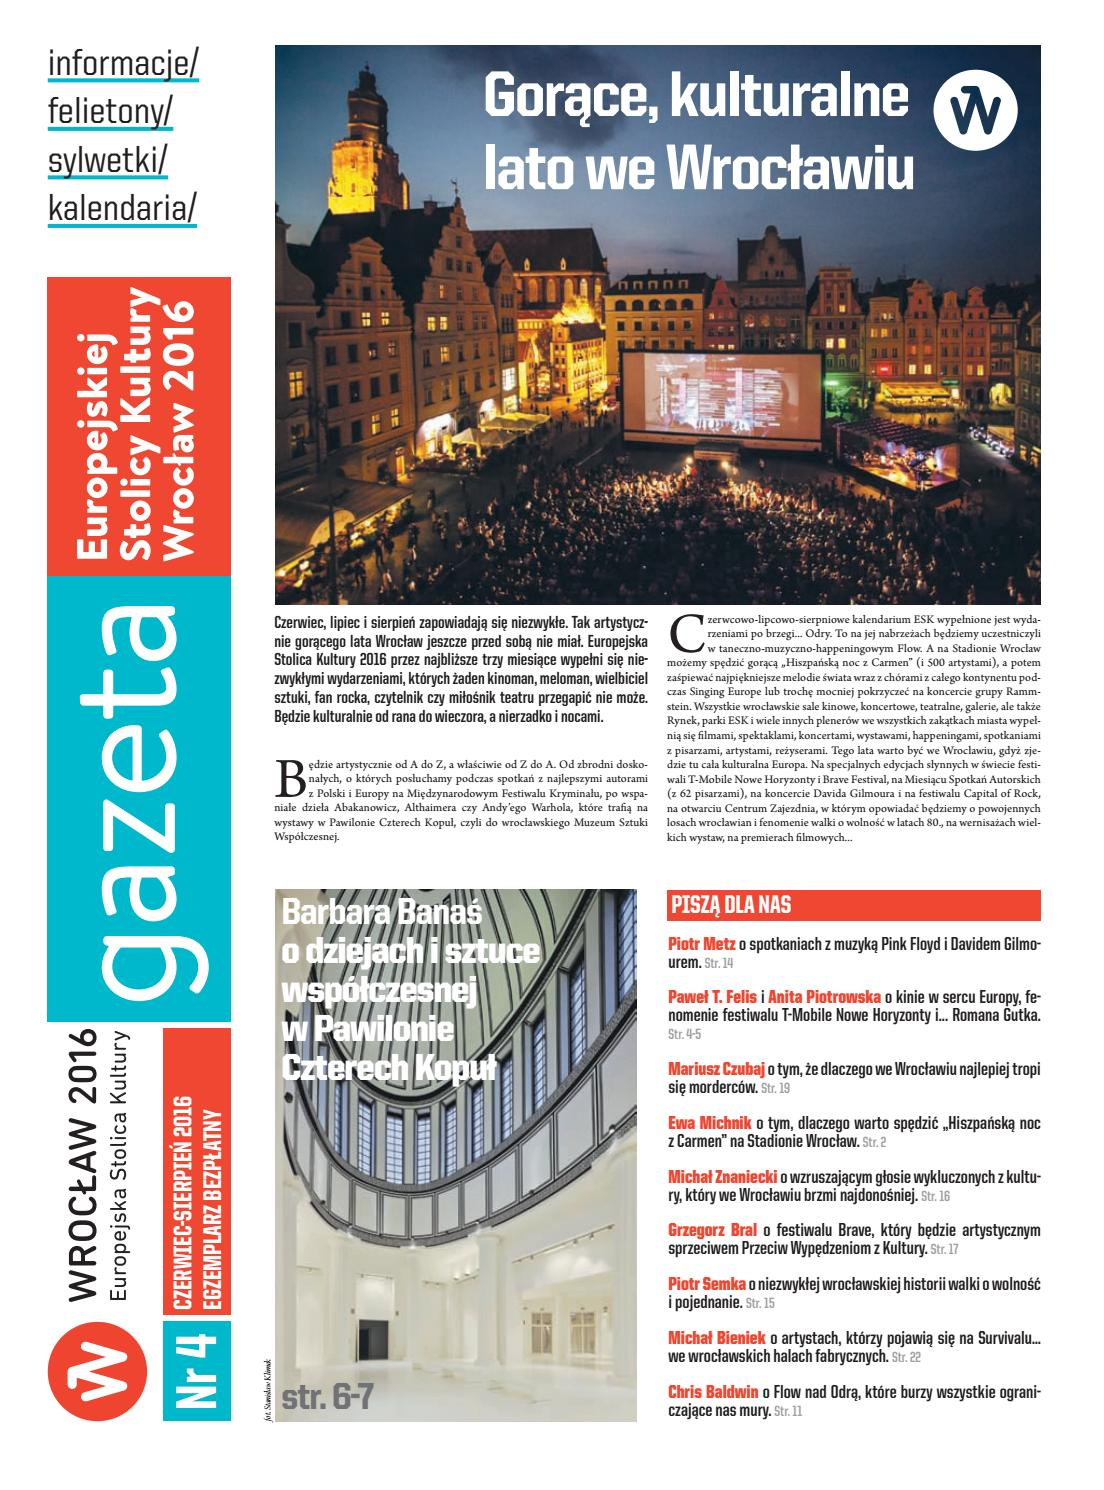 Gazeta ESK nr 4 by Wrocław 2016 - issuu